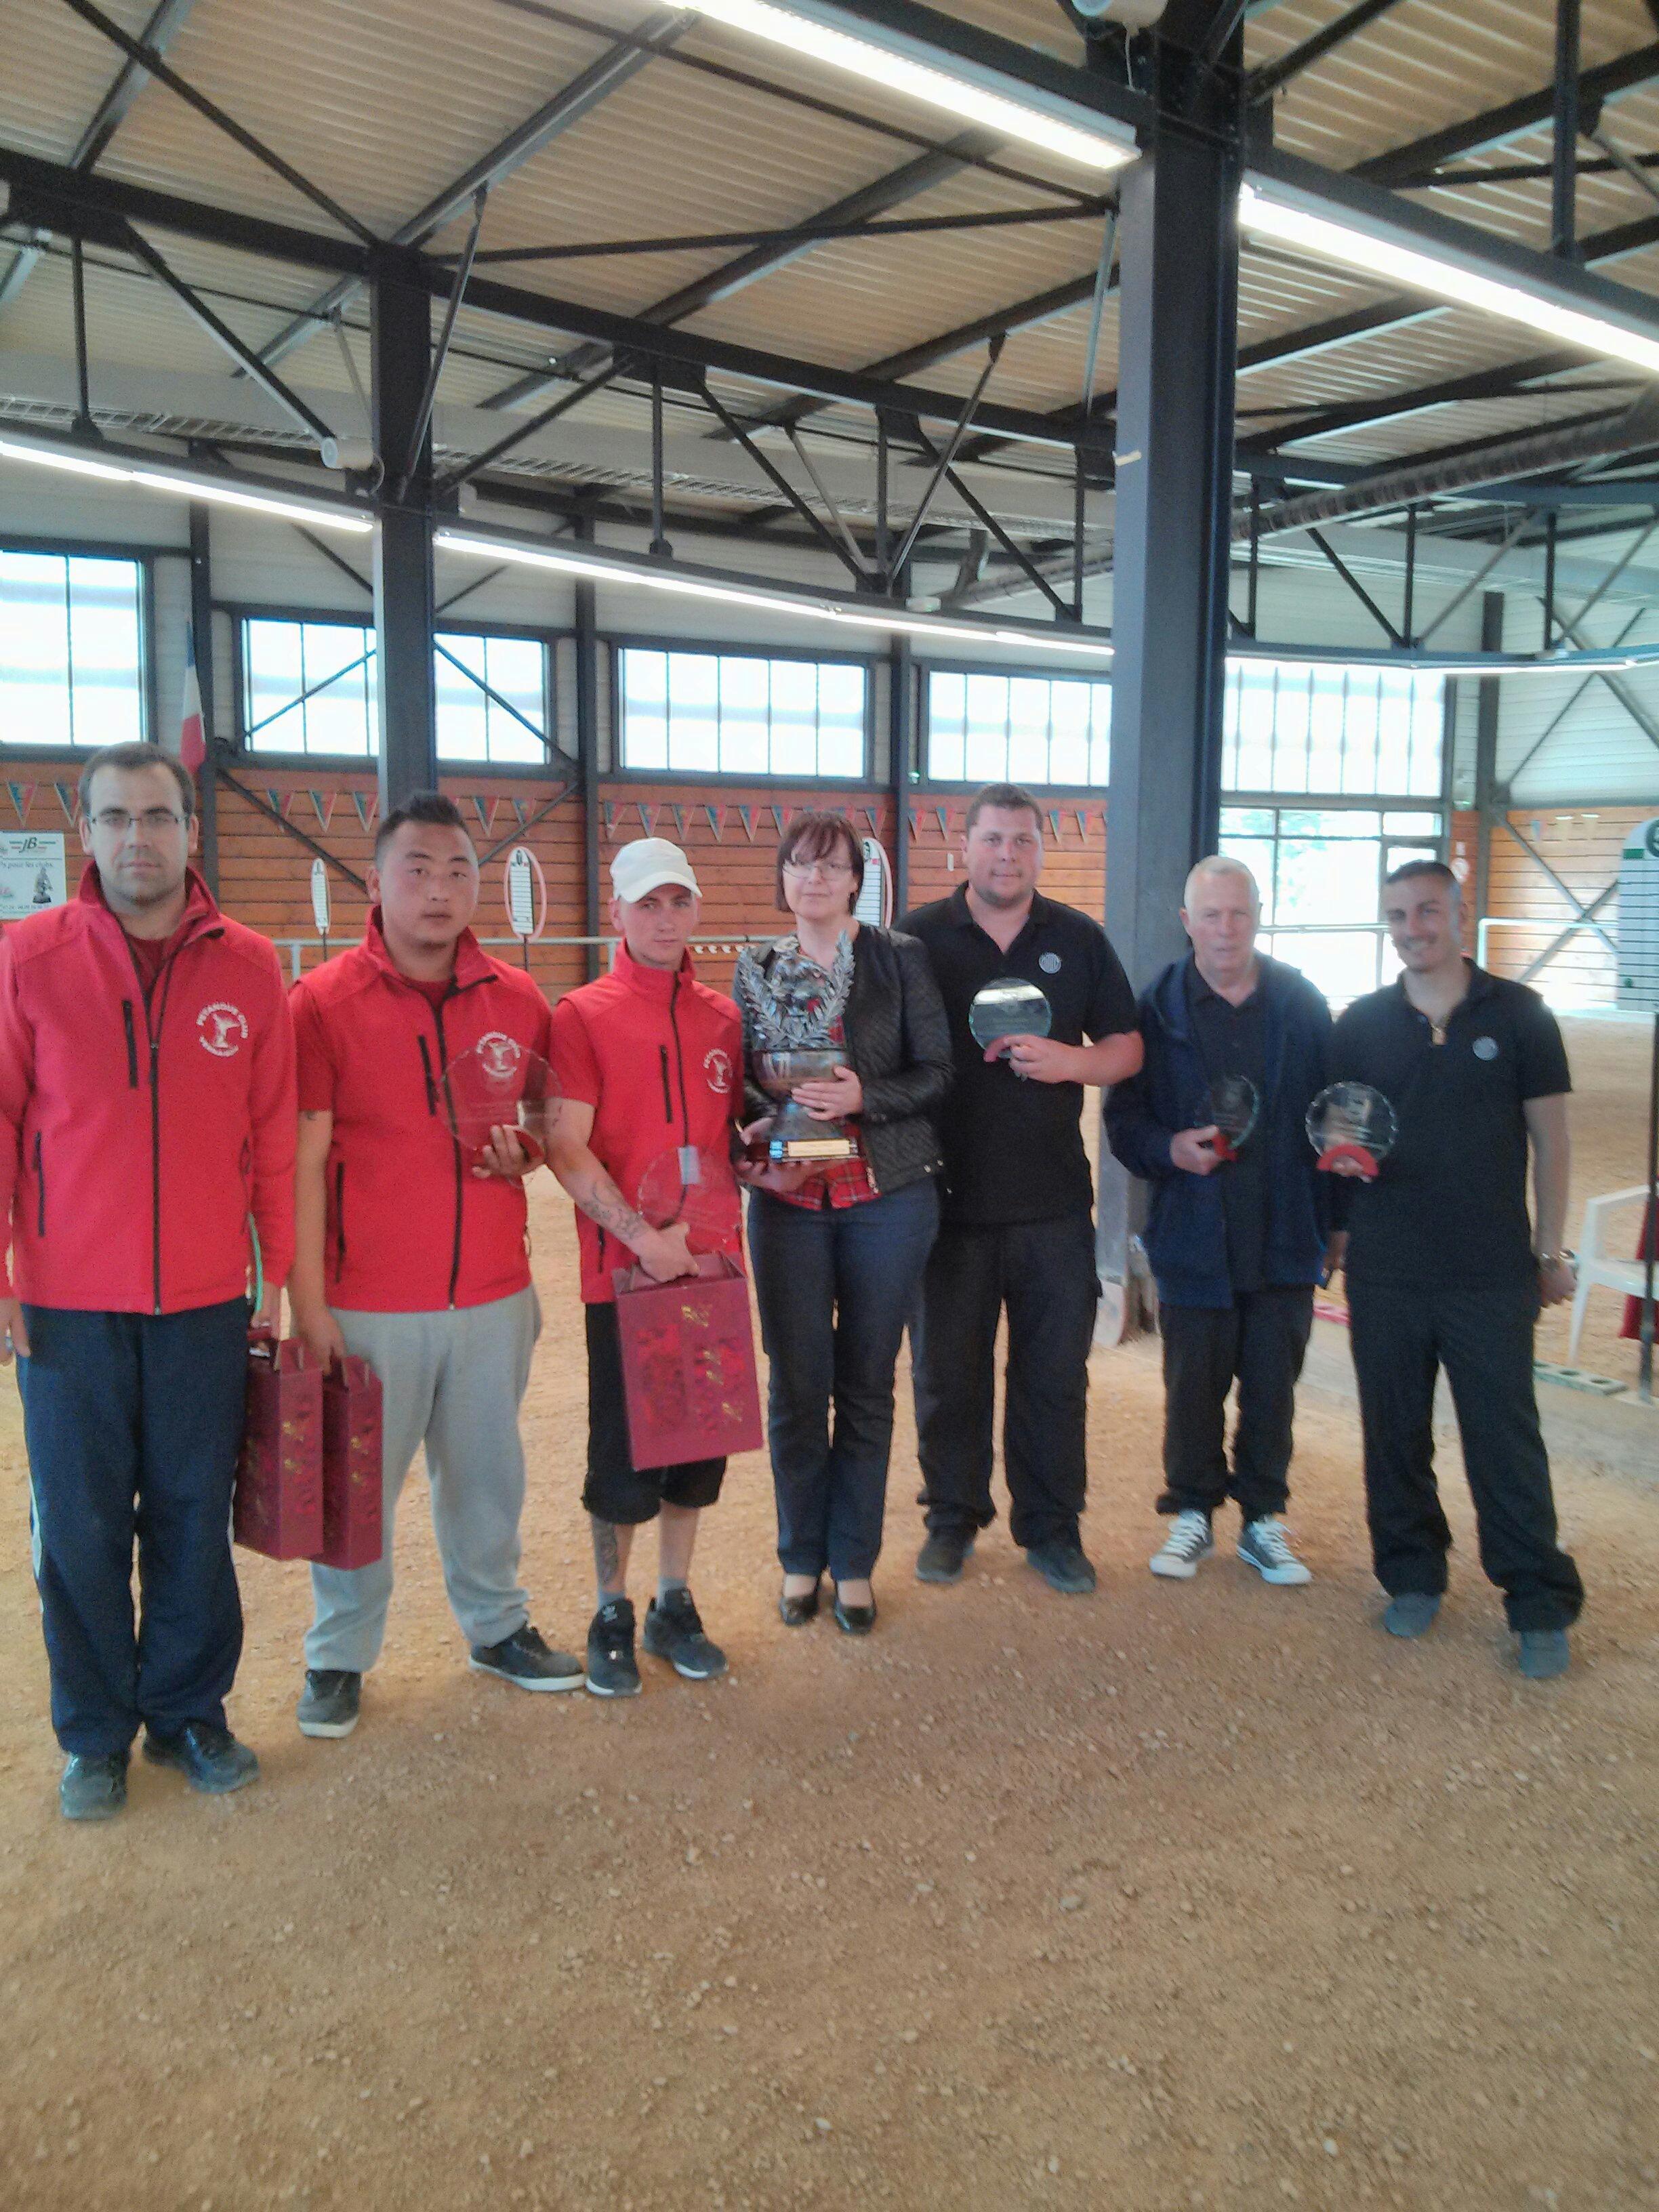 Les vainqueurs de ce 3ième Régional FLAMIER Julien - VANG Stéphane - TONTI Kevin et les finalistes ROSATI Mickaêl - GIUDUCELLI Robert - SARRIO Christophe qui entourent Mme PAGGLIARI